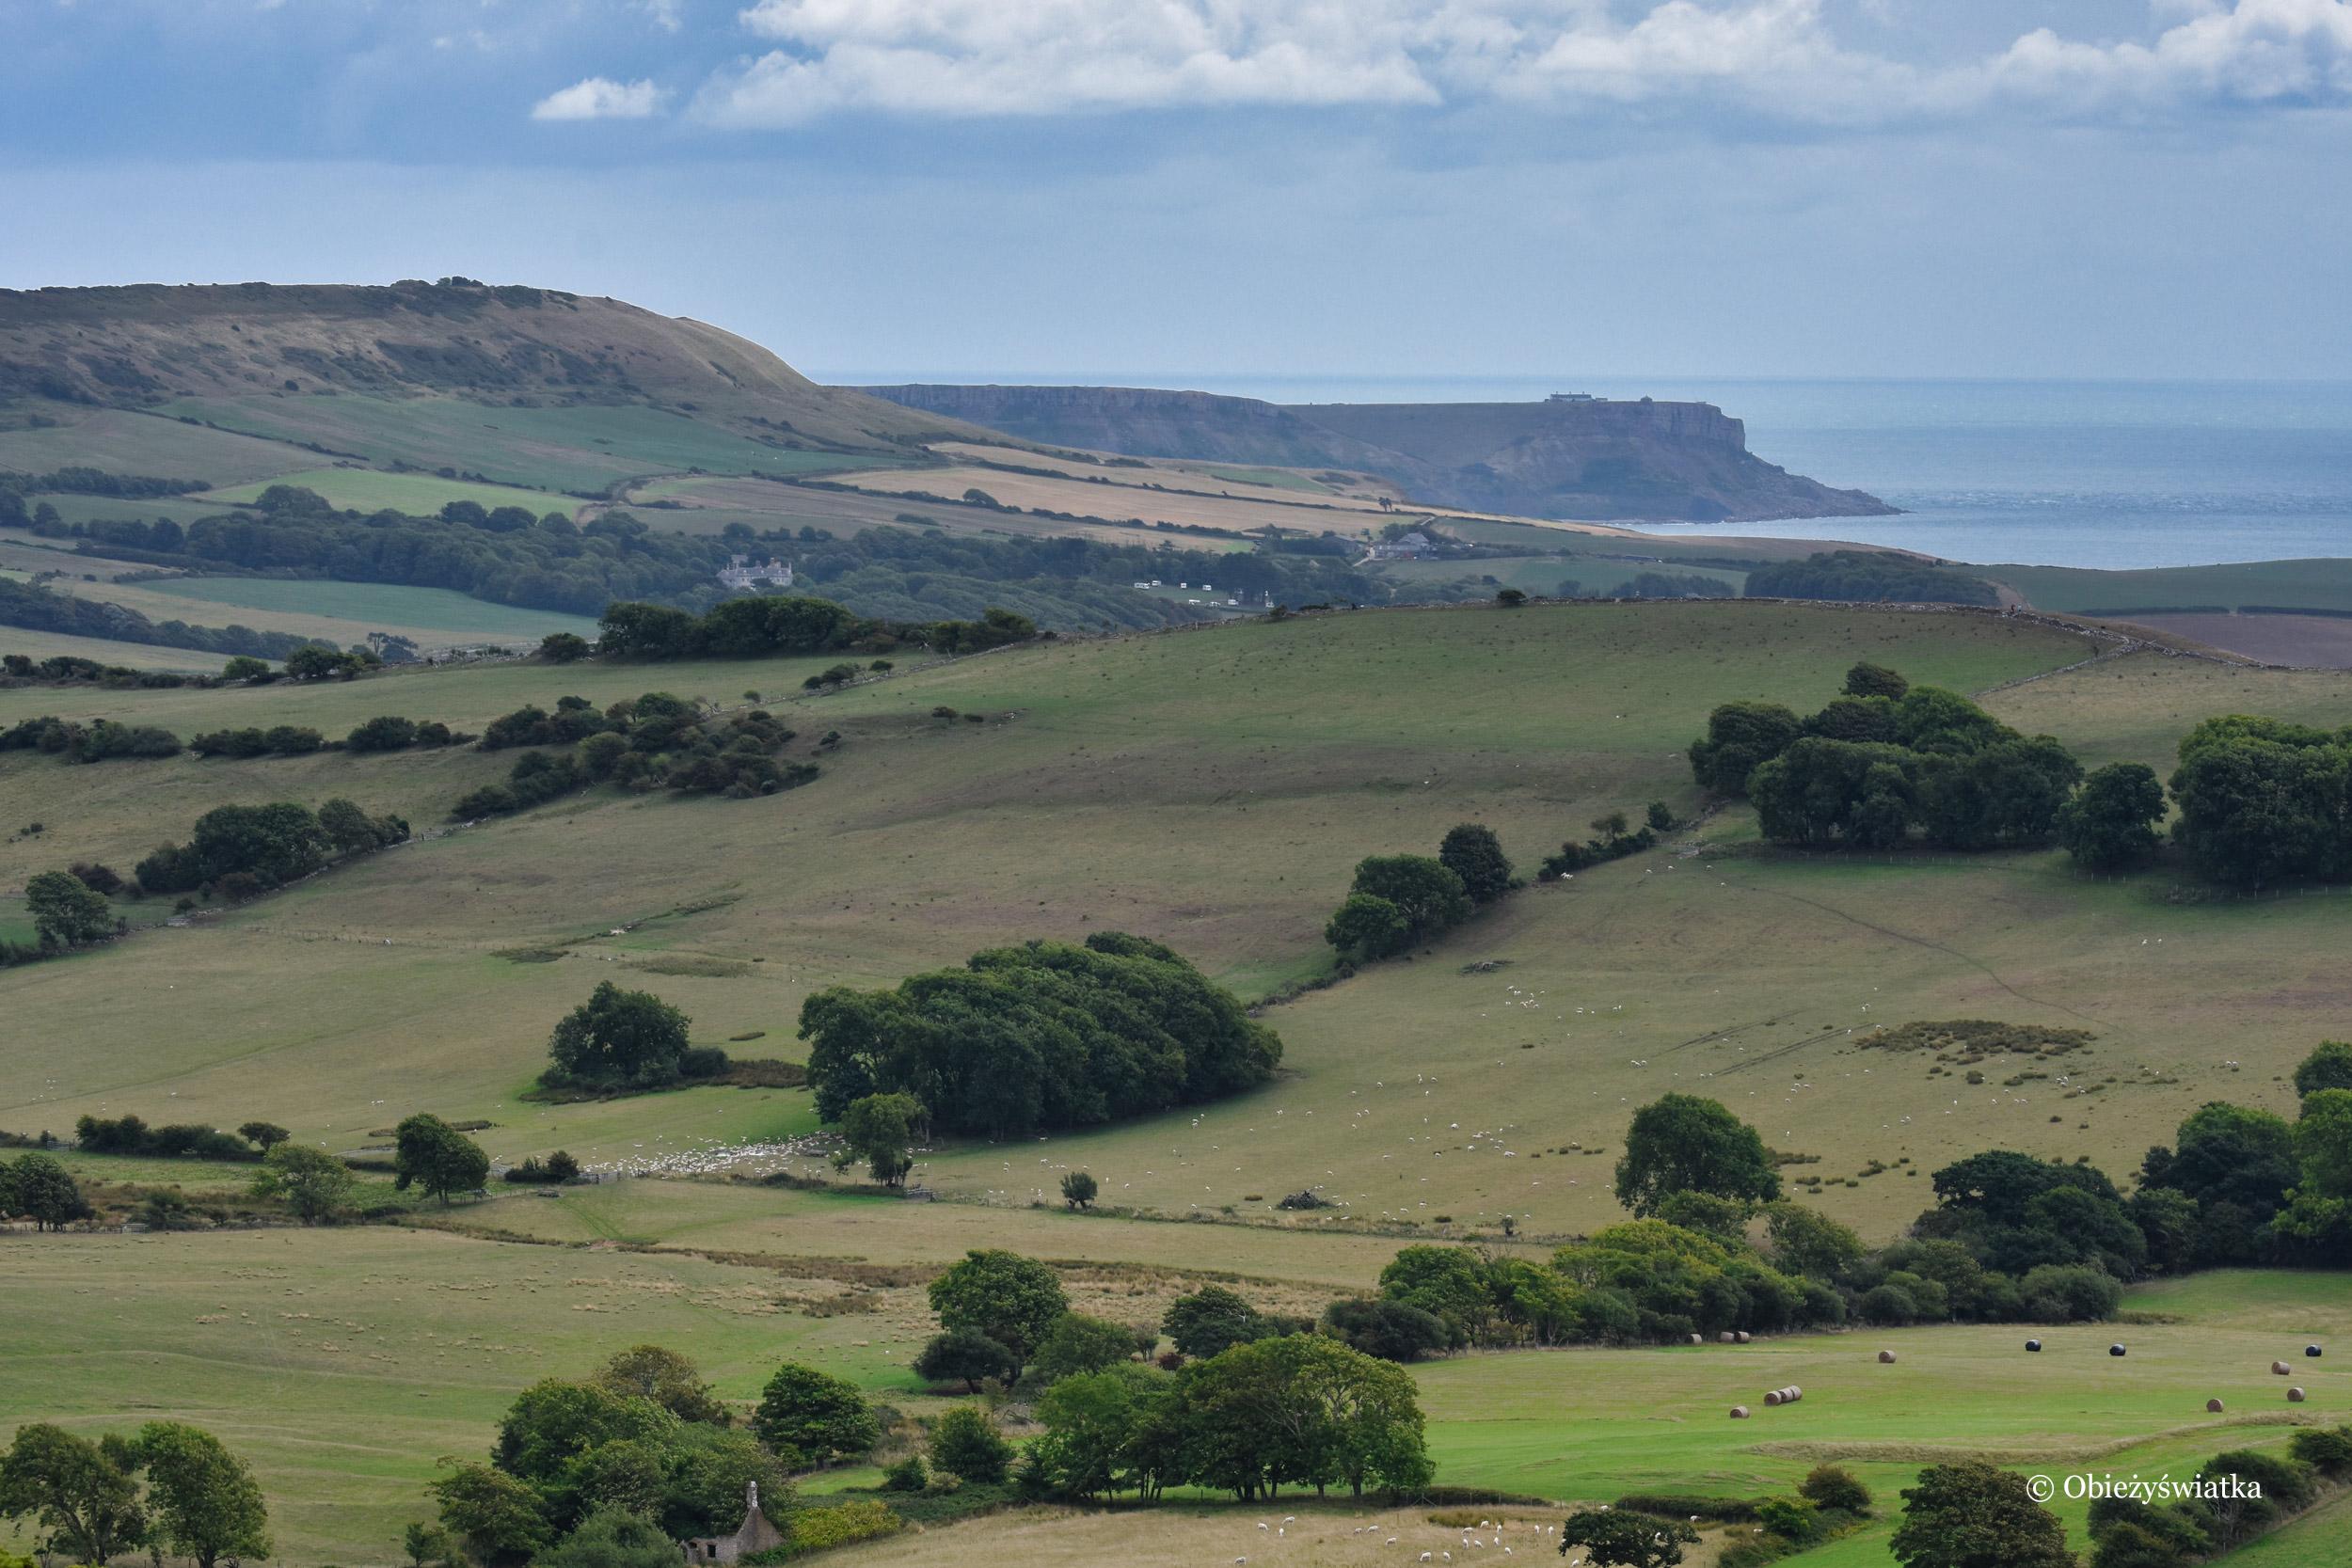 Wybrzeże południowej Anglii, hrabstwo Dorset